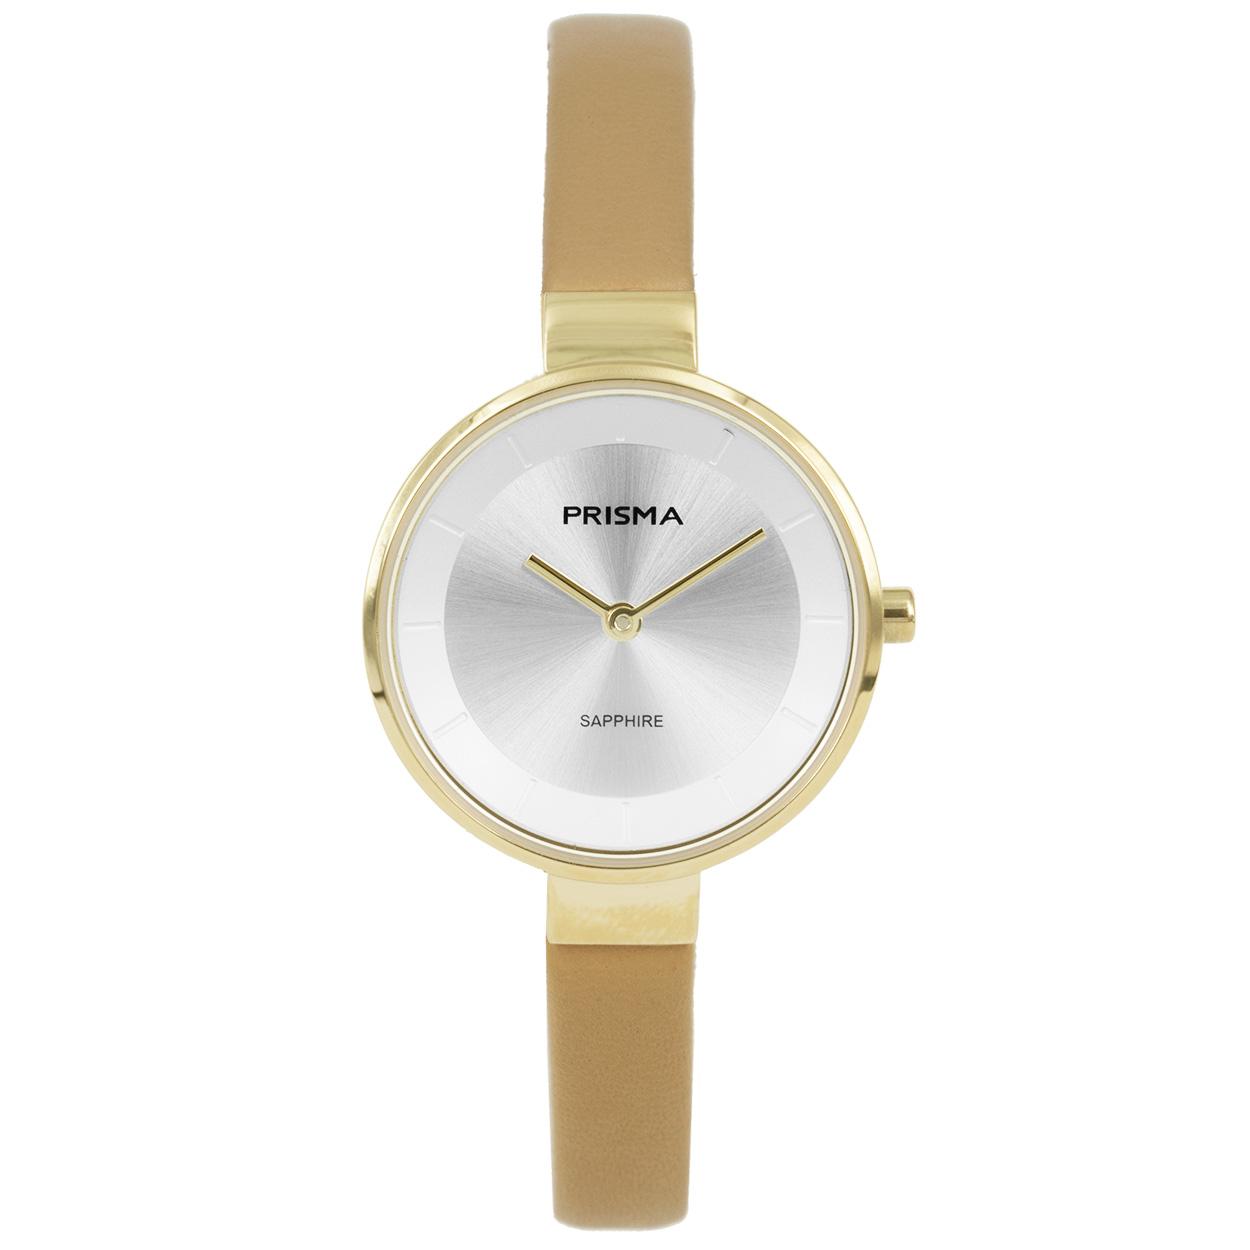 Prisma Dames Touch horloge P.1926